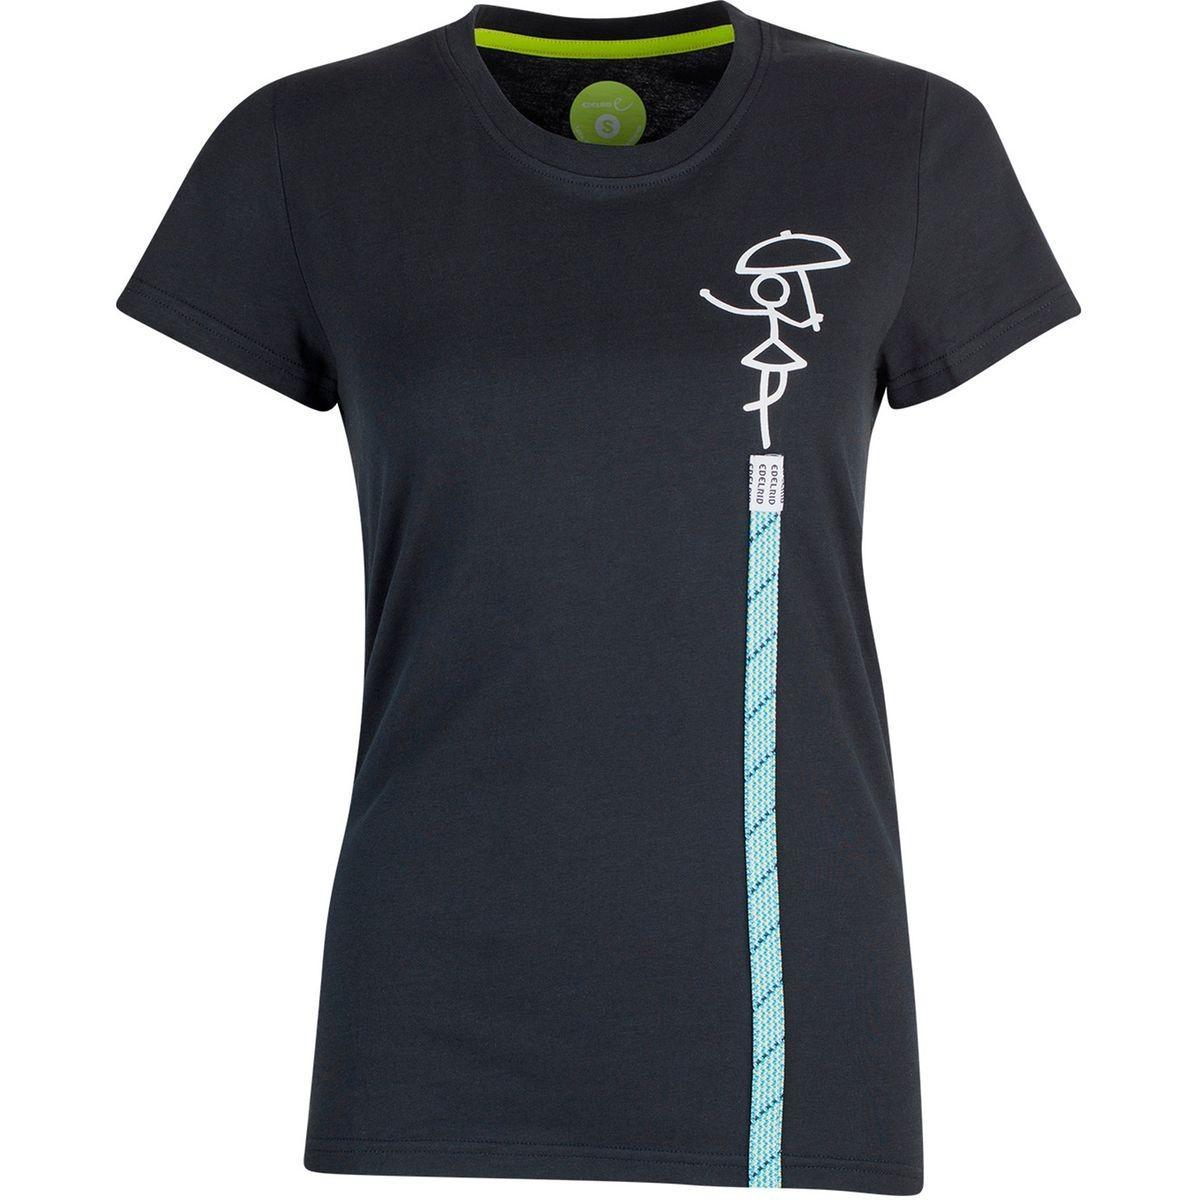 Rope - T-shirt manches courtes Femme - noir